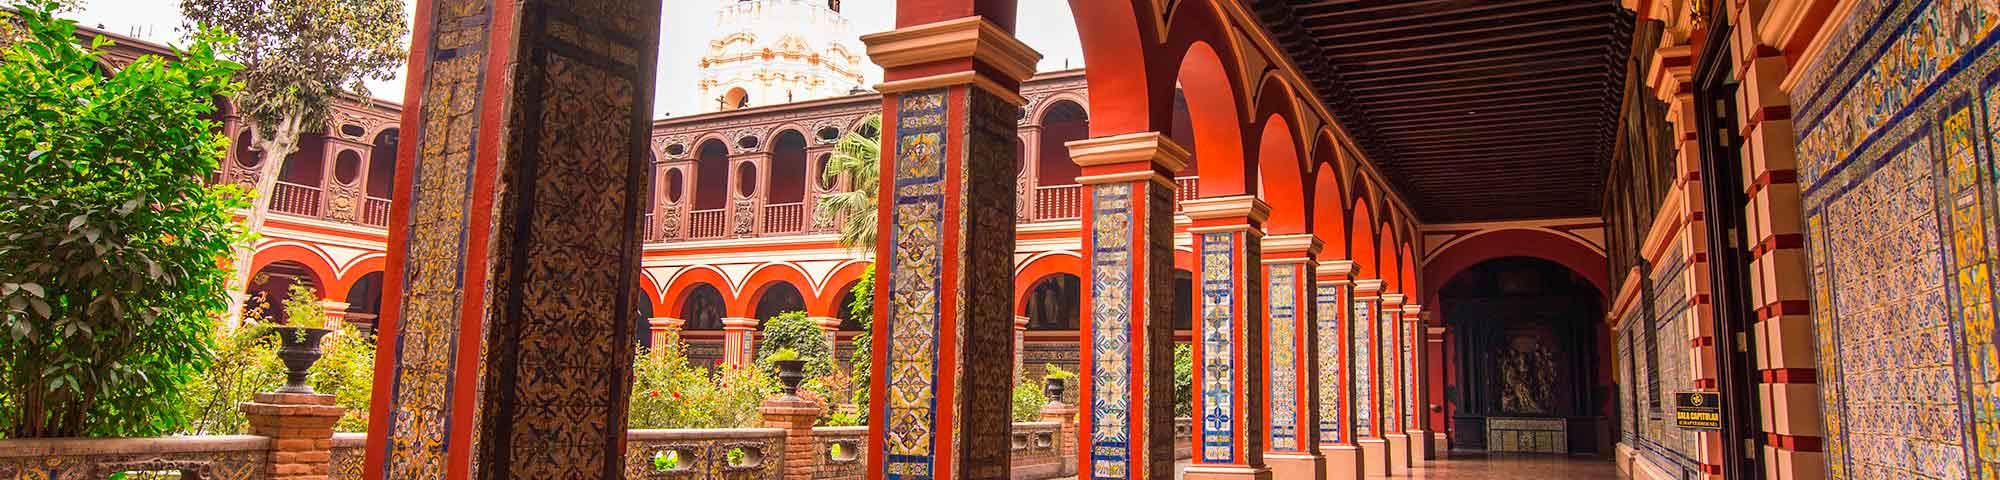 Municipalidad de Lima organiza recorridos turísticos literarios durante junio